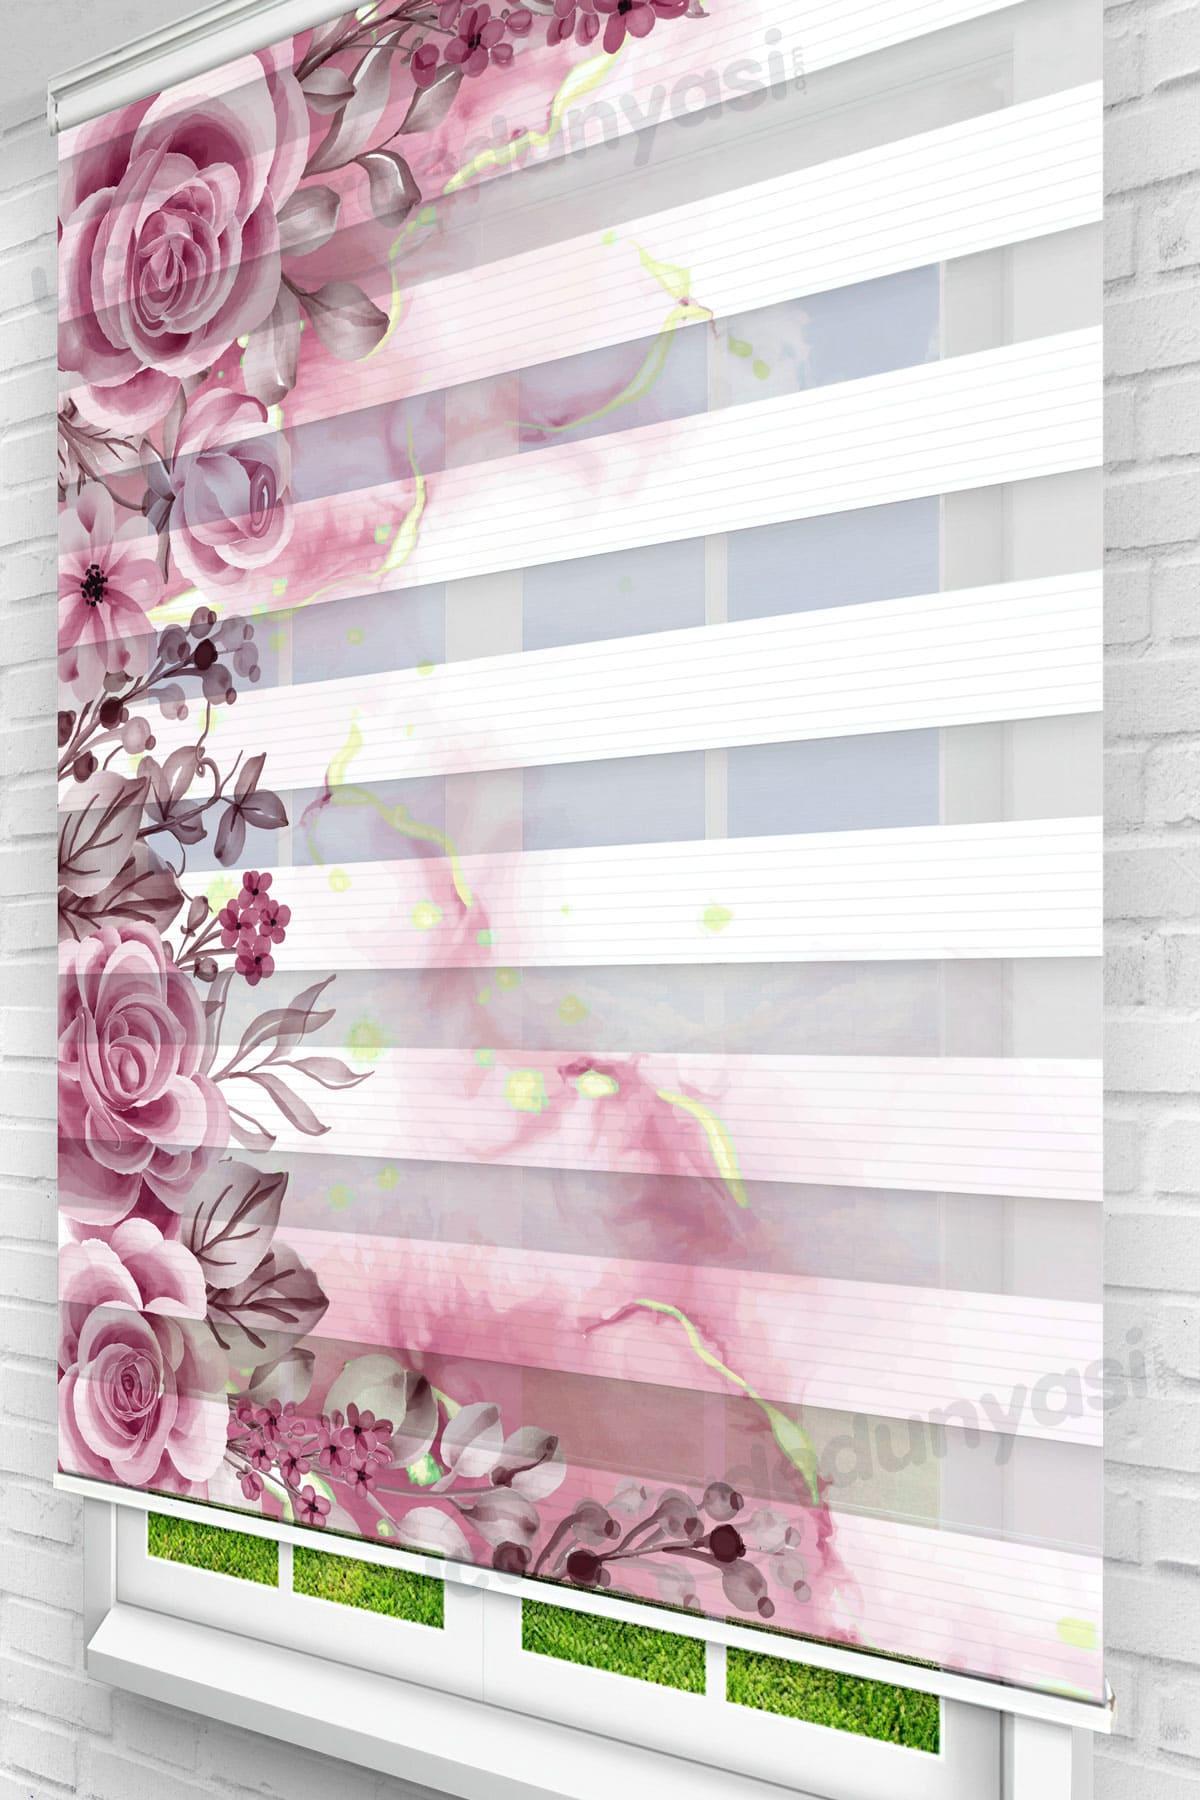 Gül Kurusu Mermer Güller Çiçekli Zebra Perde